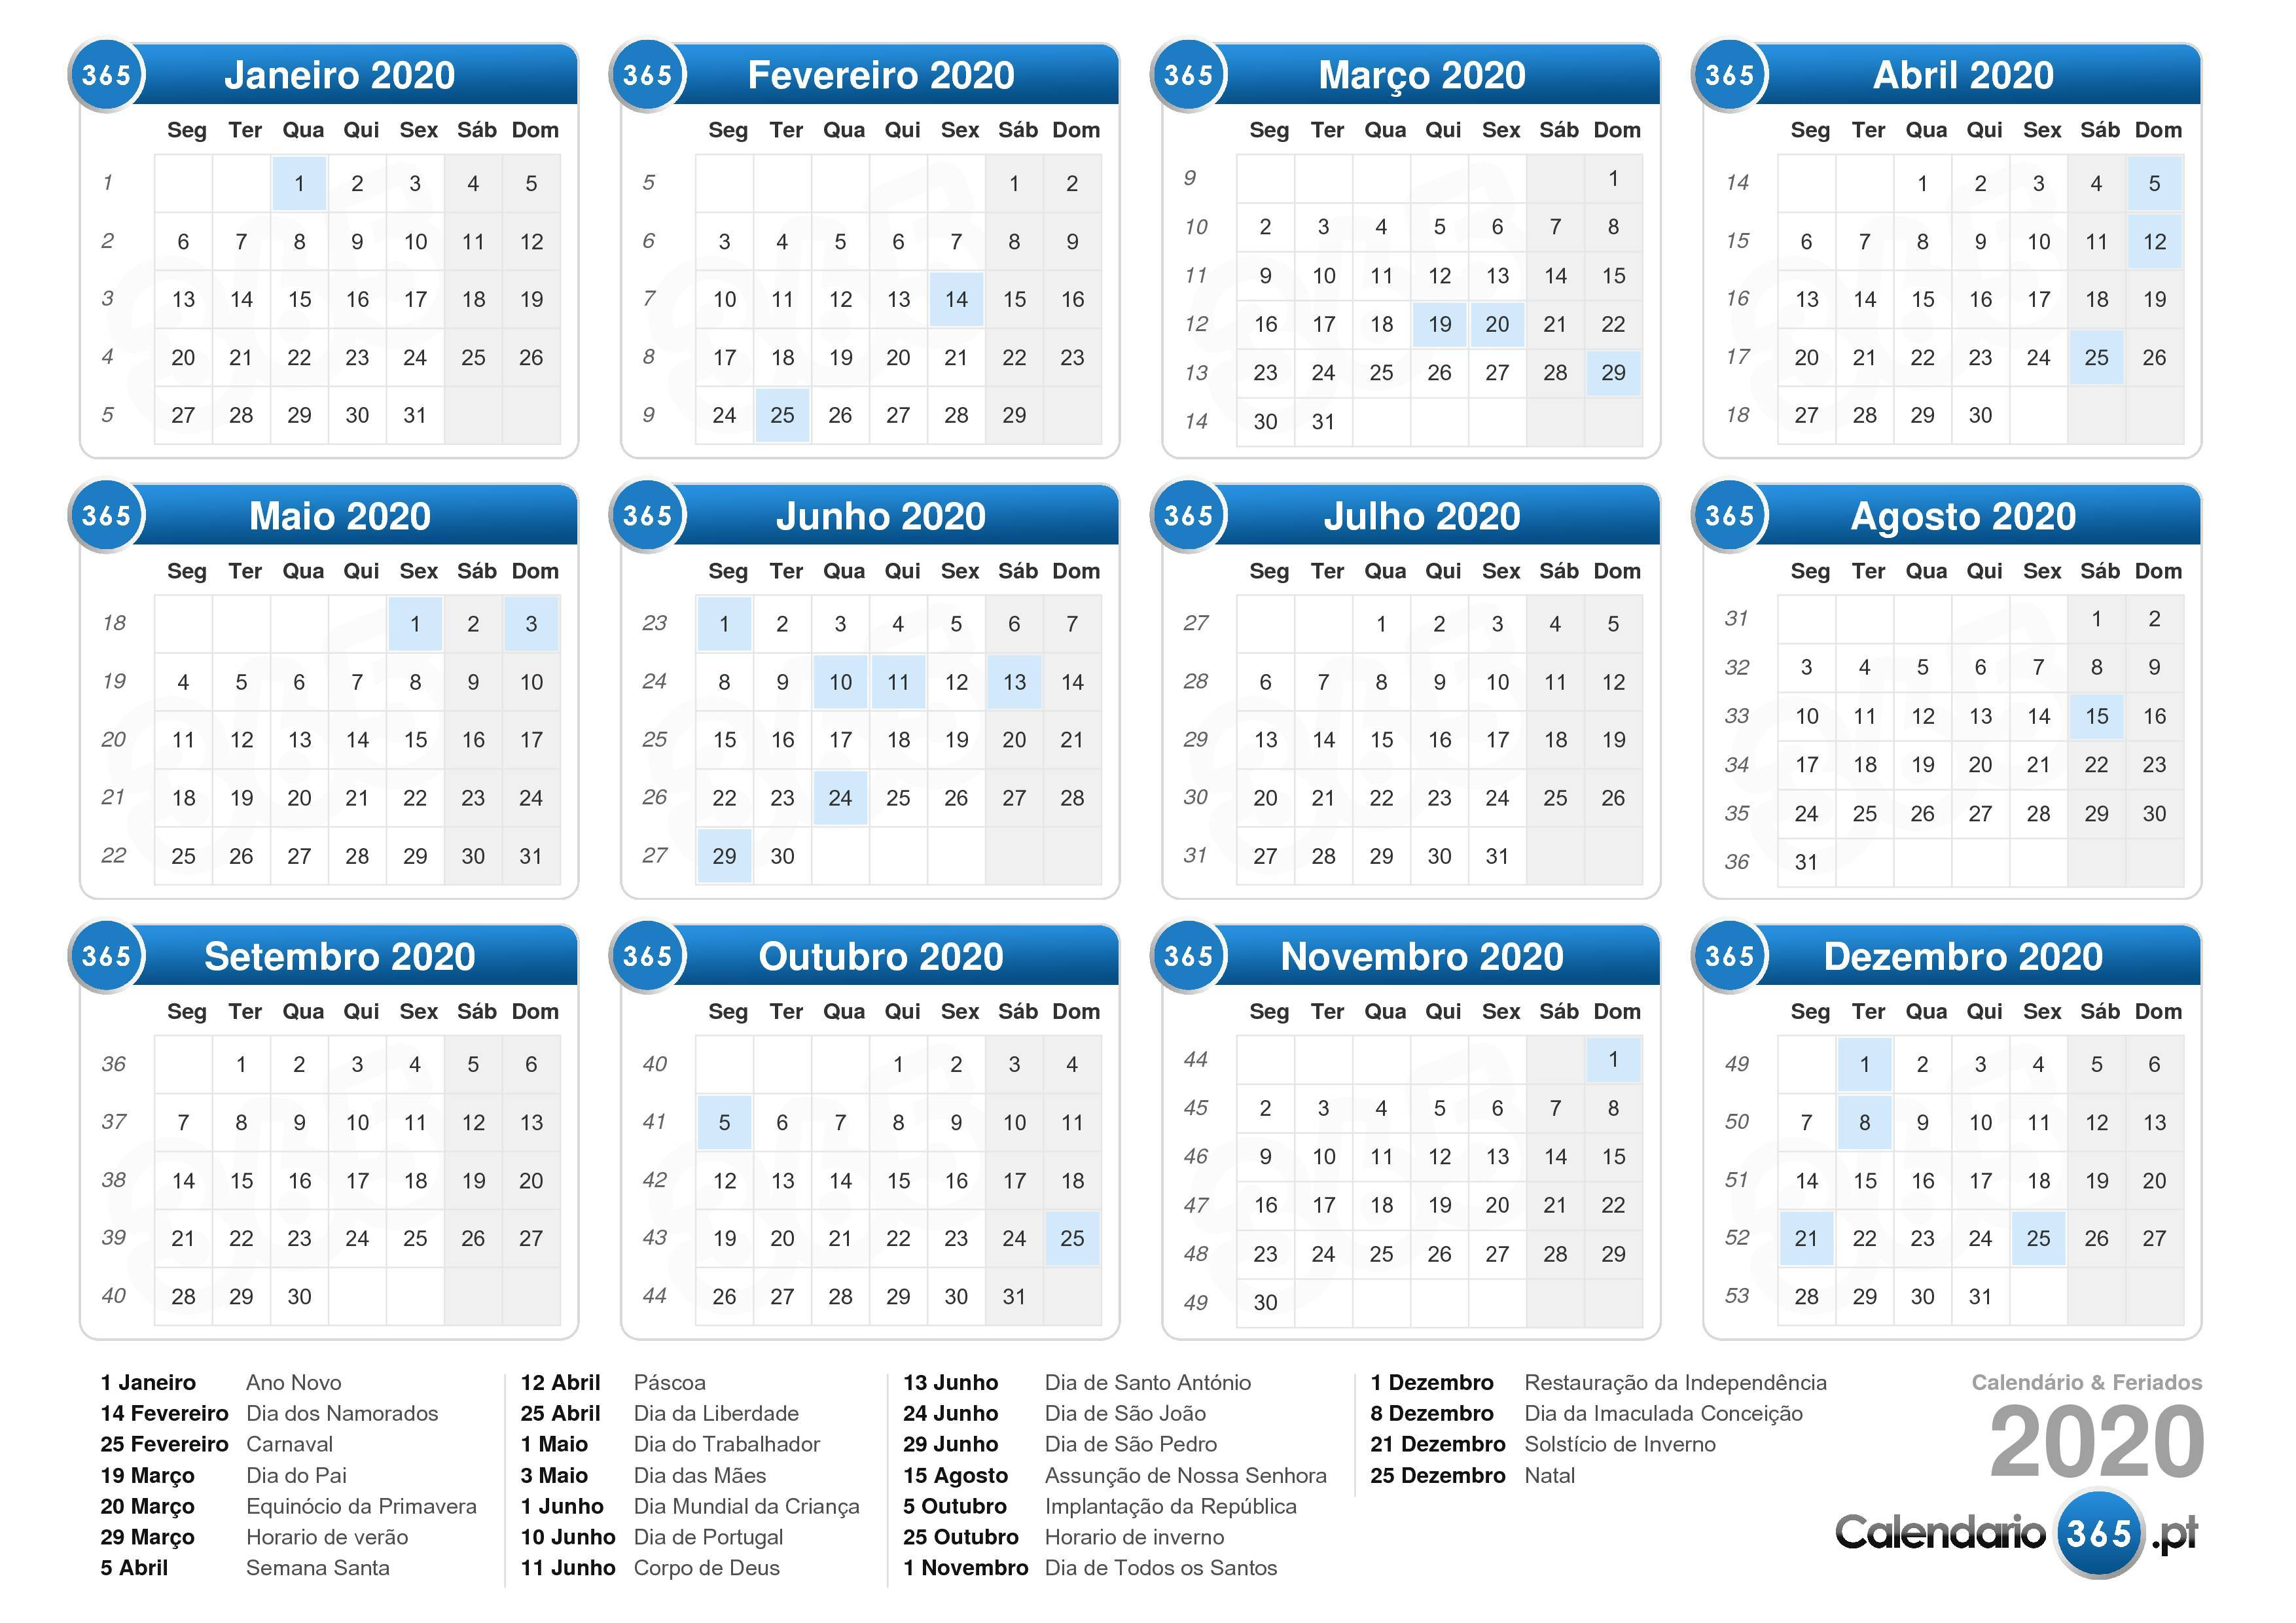 Calendario 2020 Portugues Com Feriados.Calendario 2020